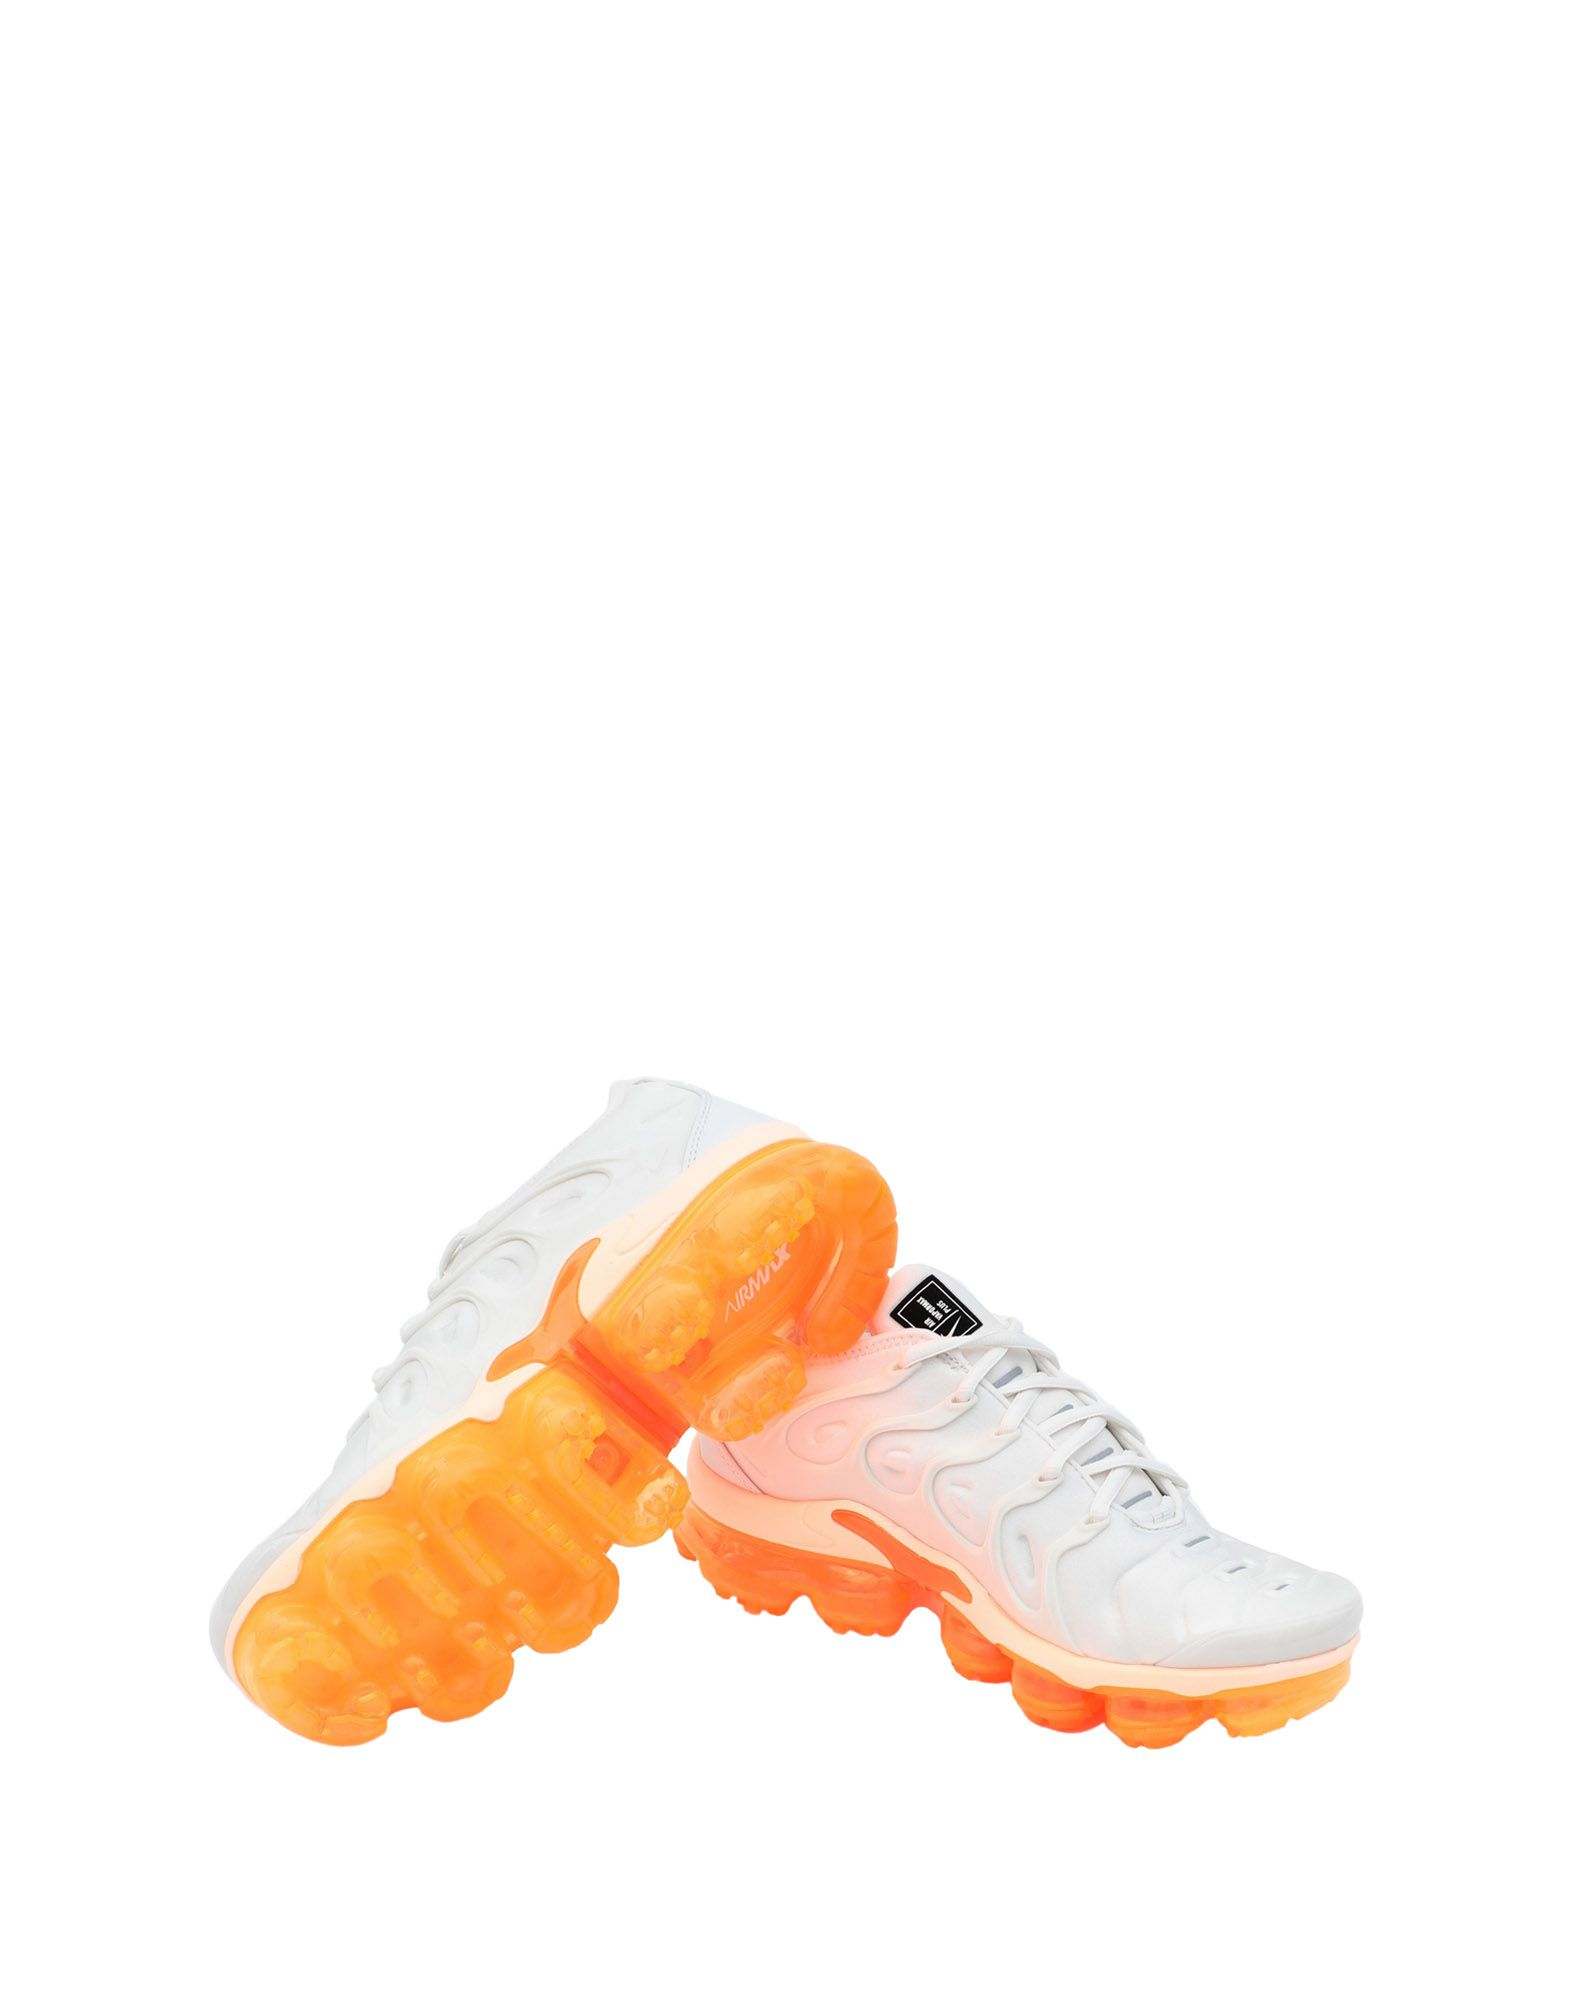 Nike  Air Vapormax strapazierfähige Plus  11556983WJGut aussehende strapazierfähige Vapormax Schuhe afb9ec